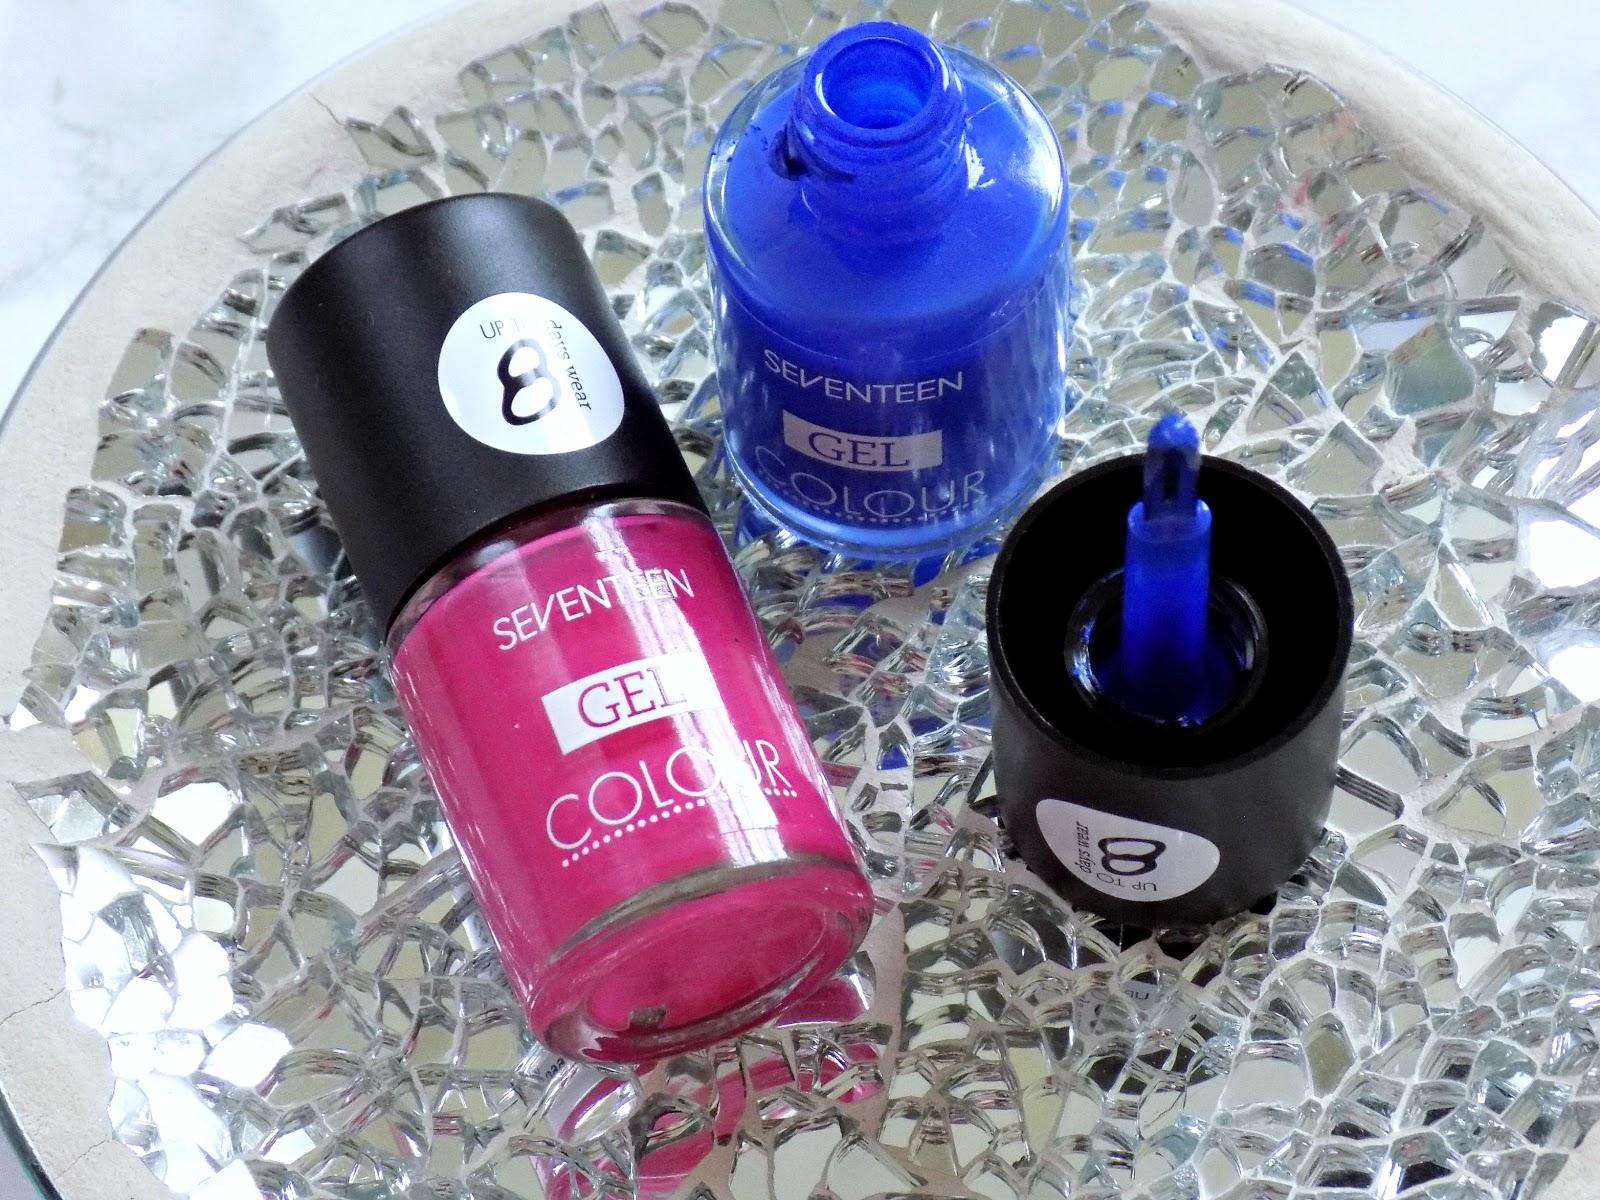 Seventeen Gel Colour nail polish Hurricane